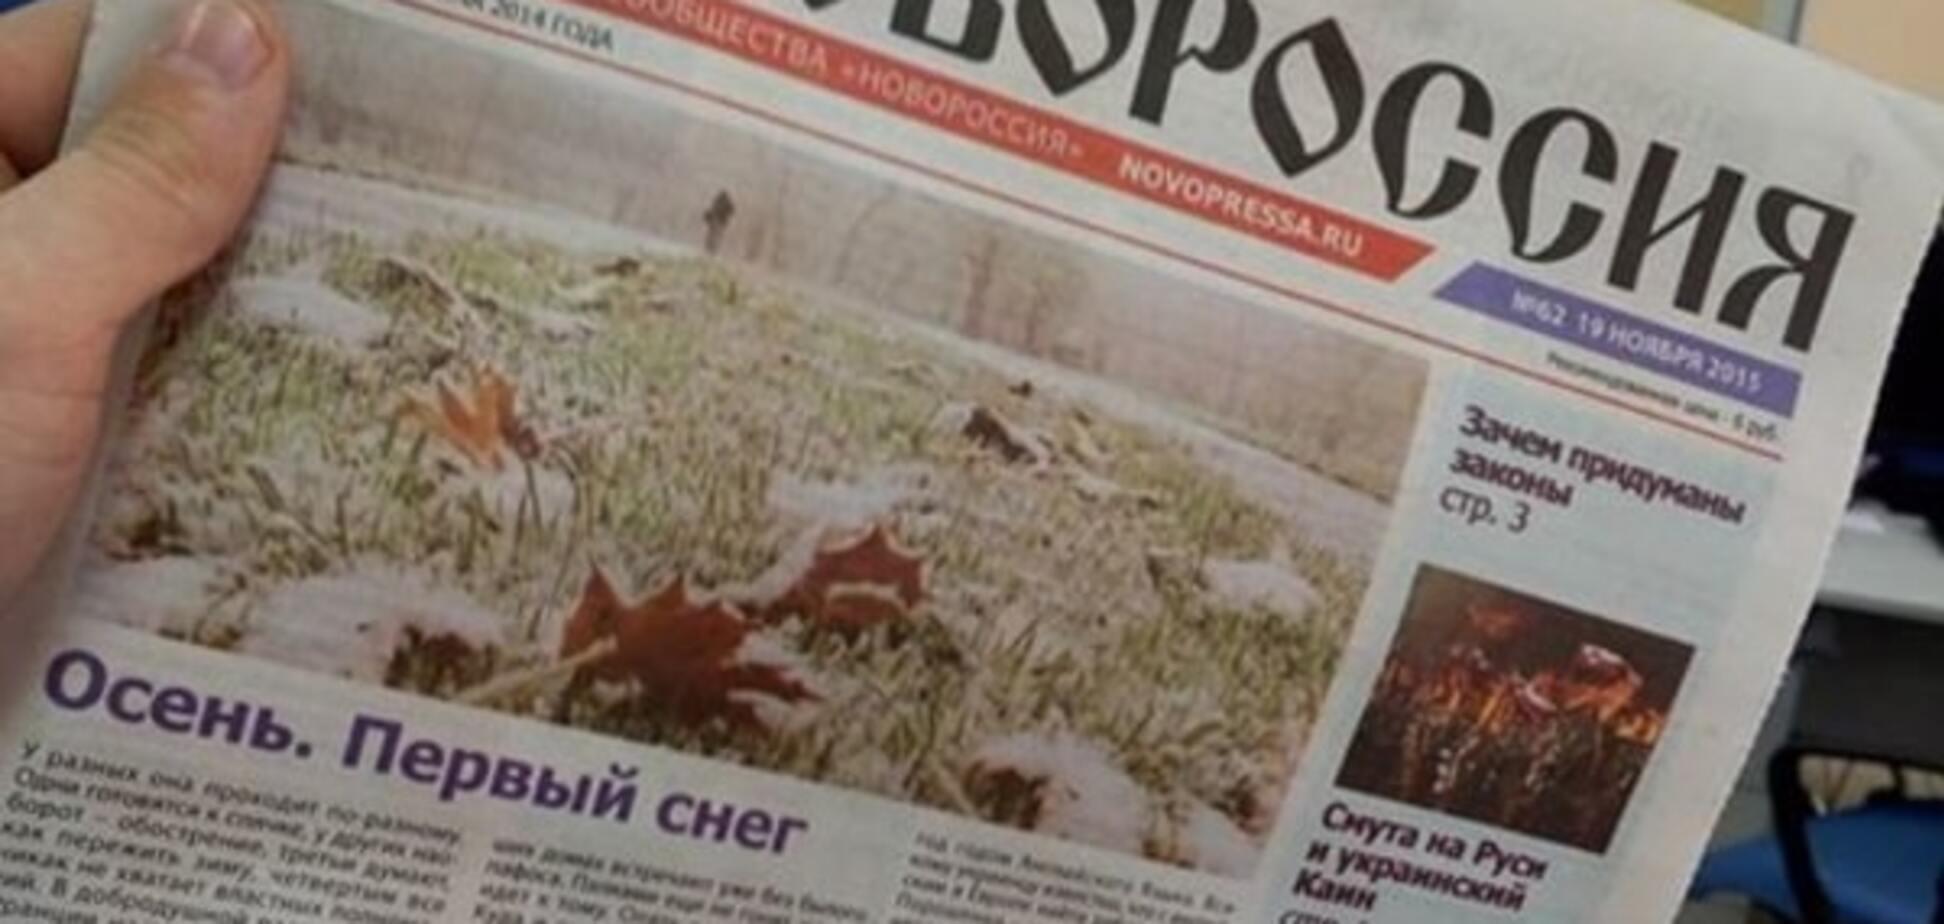 Преса 'для думаючих': журналіст висміяв газету терористів 'ЛНР'